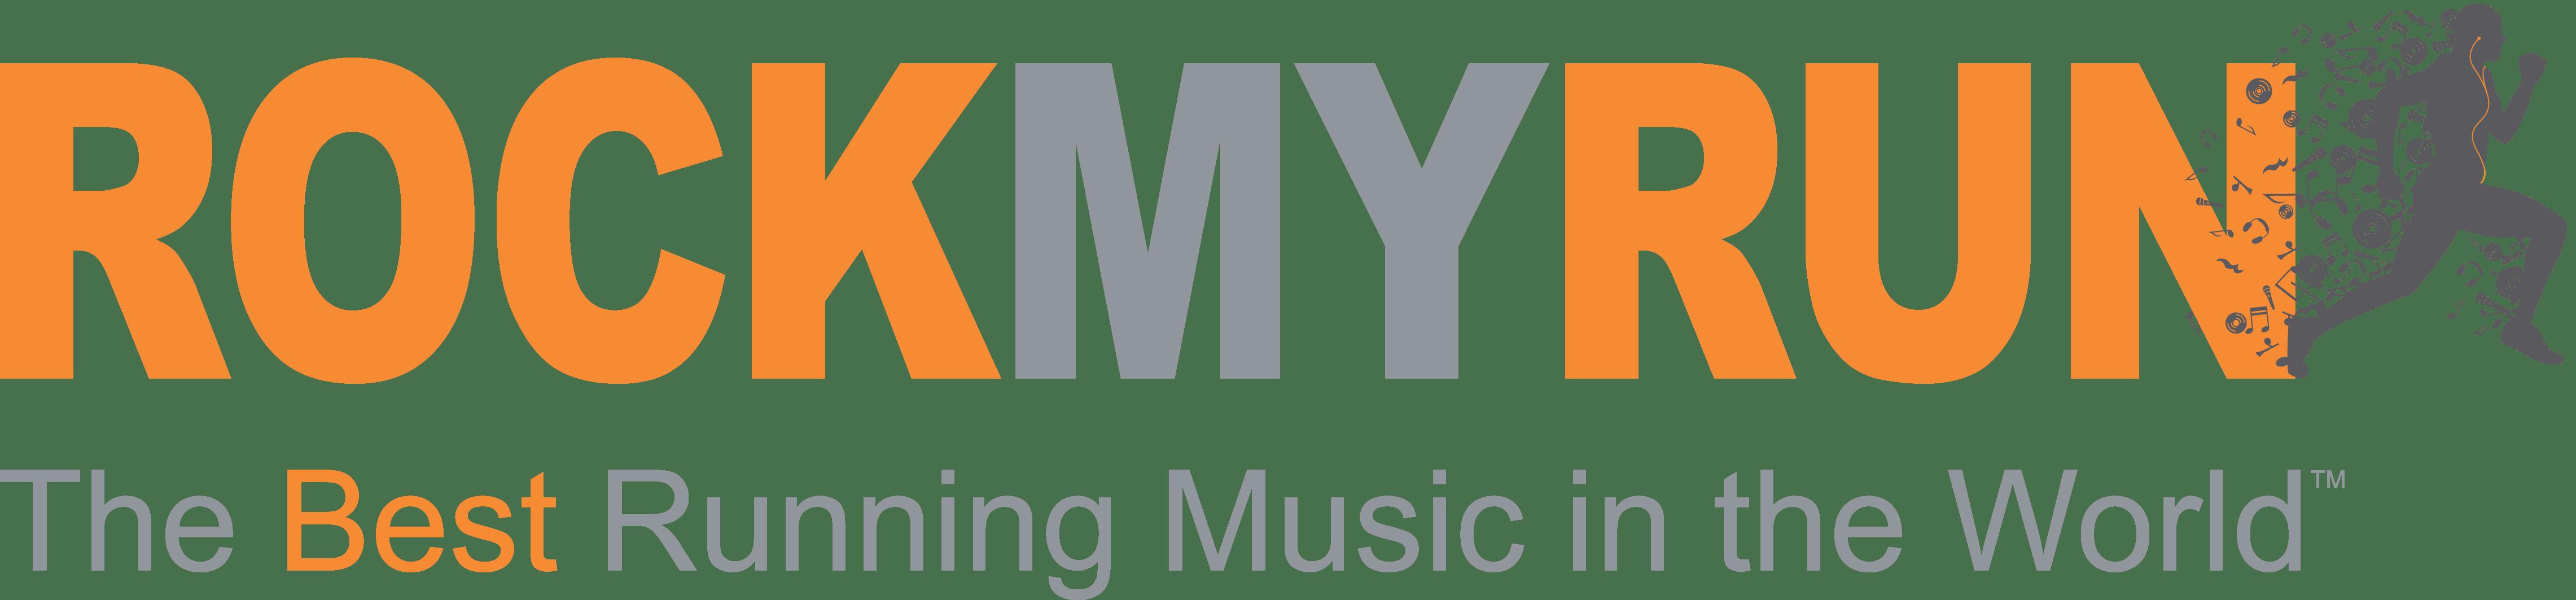 سرویس پخش و دانلود موزیک راک مای ران